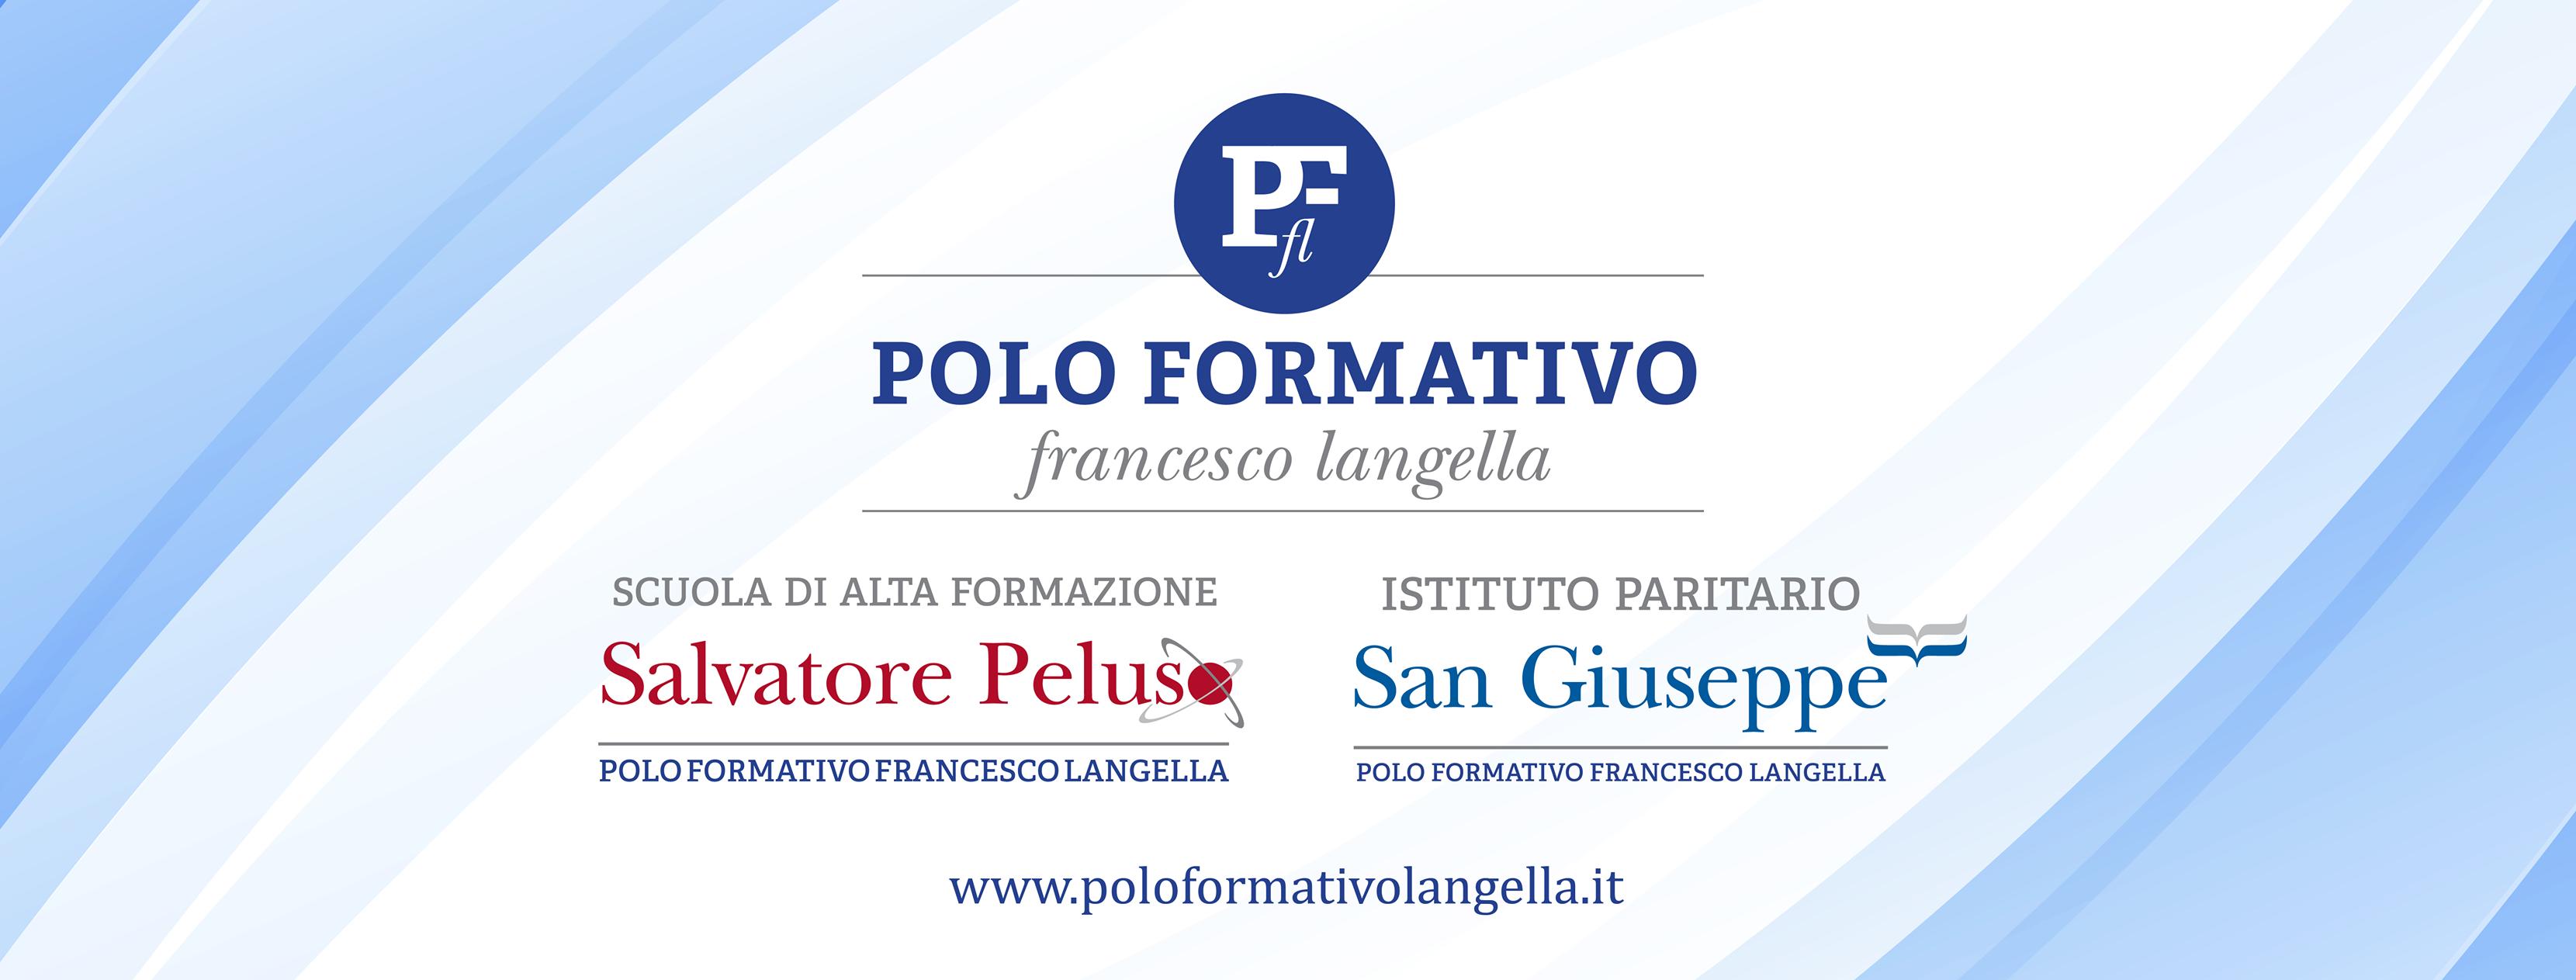 Consegui La Qualifica Triennale Alberghiera Presso L Istituto Paritario San Giuseppe Di Pagani Salerno Polo Formativo Langella